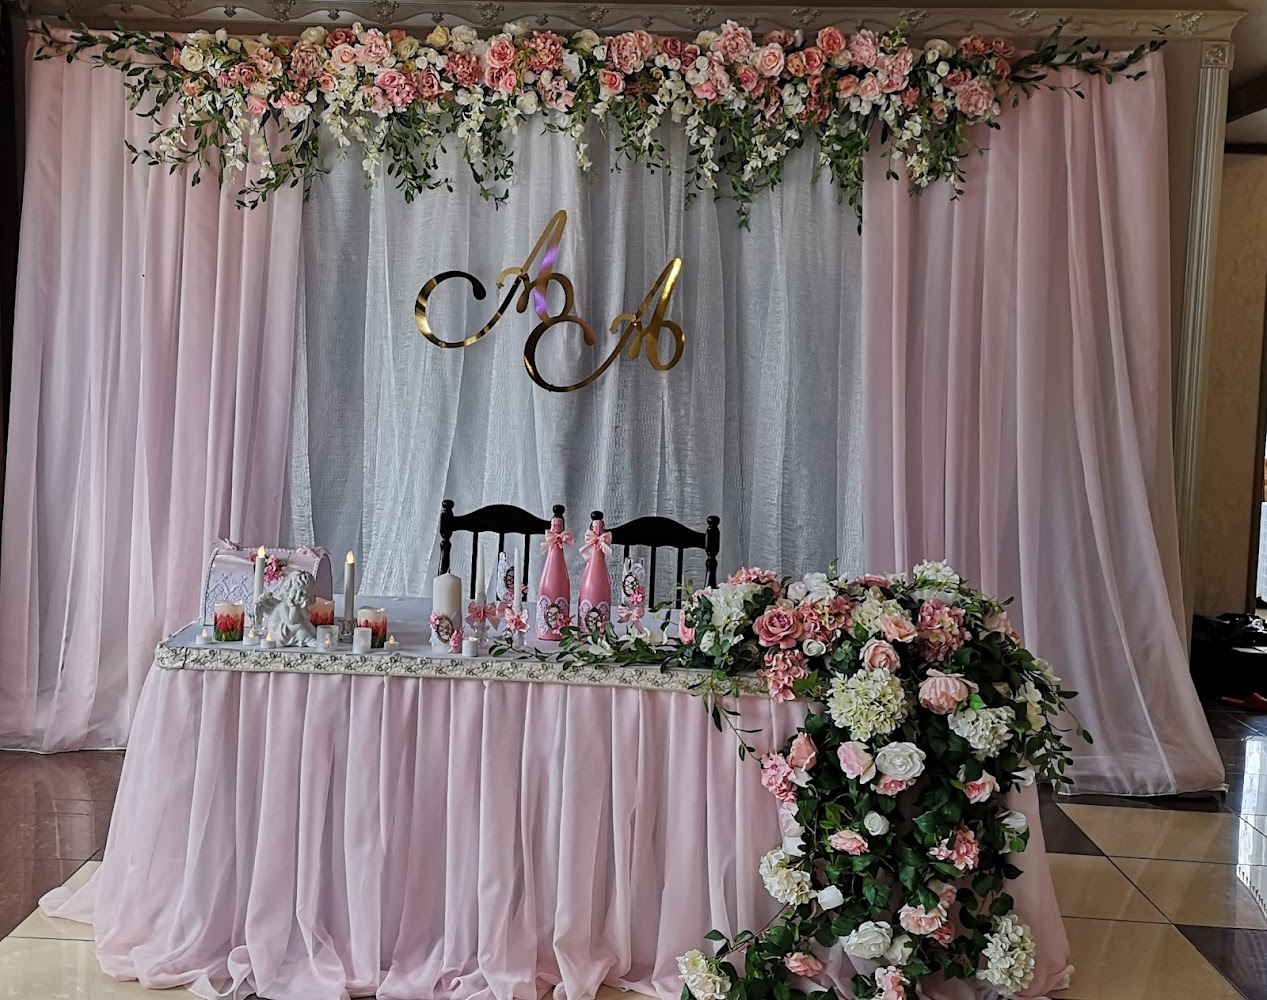 картинки с украшениями свадебного зала значков позволит подобрать